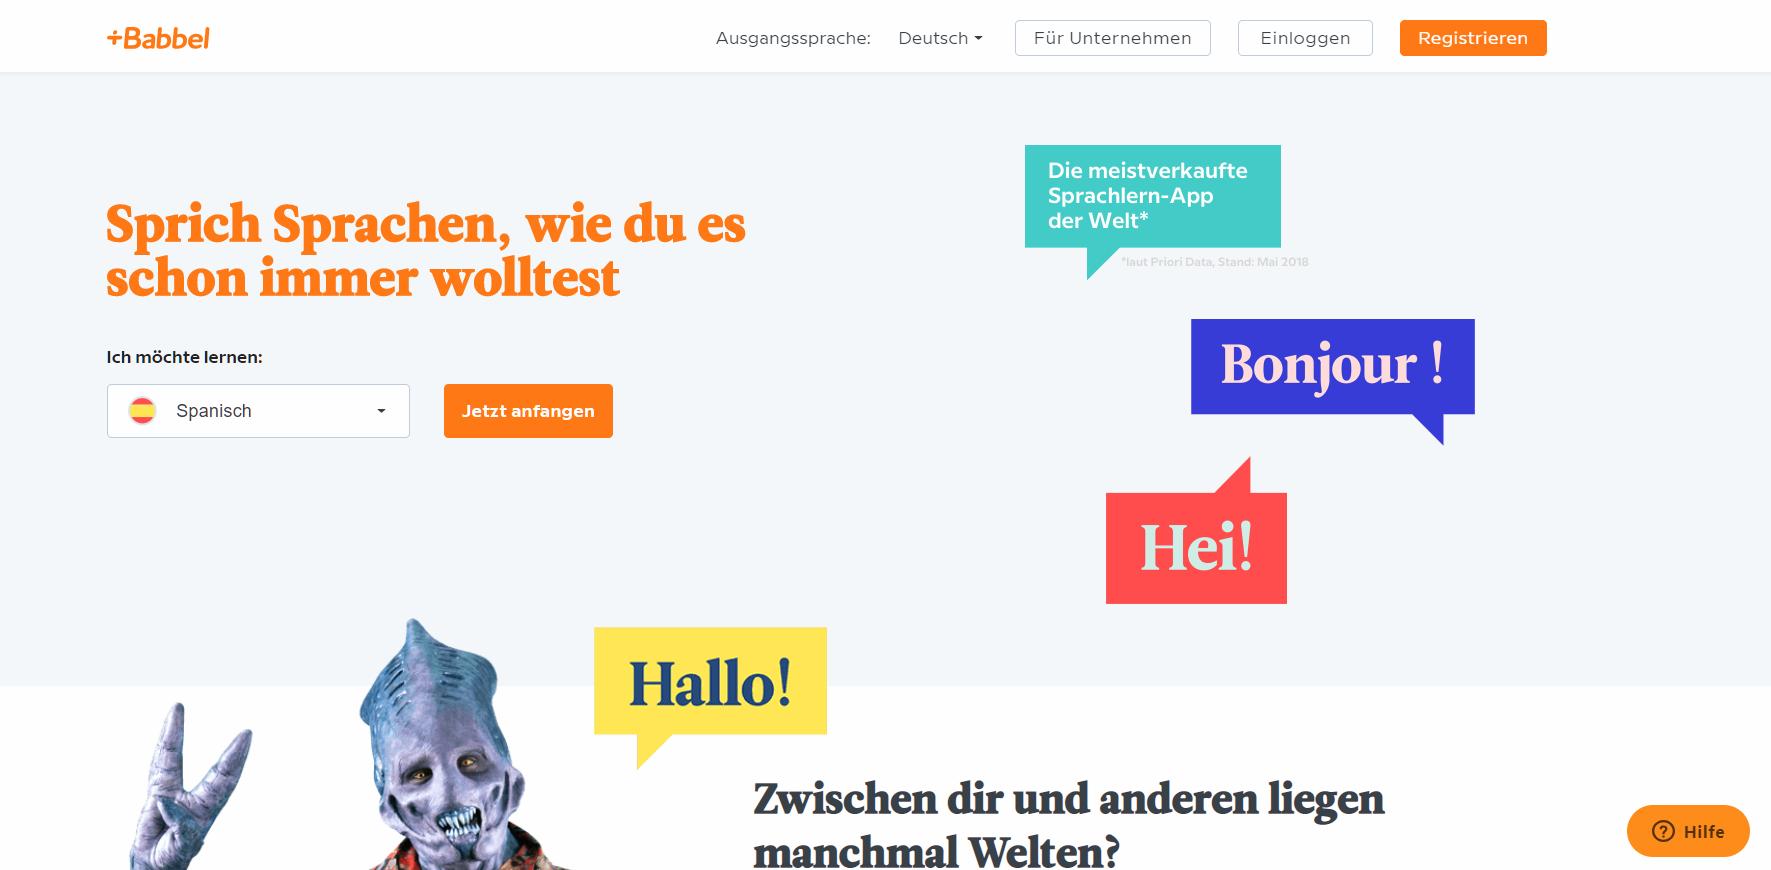 BABBEL TESTBERICHT ᐊ 2019 ᐅ – eine der beliebtesten Apps zum Sprachen lernen,